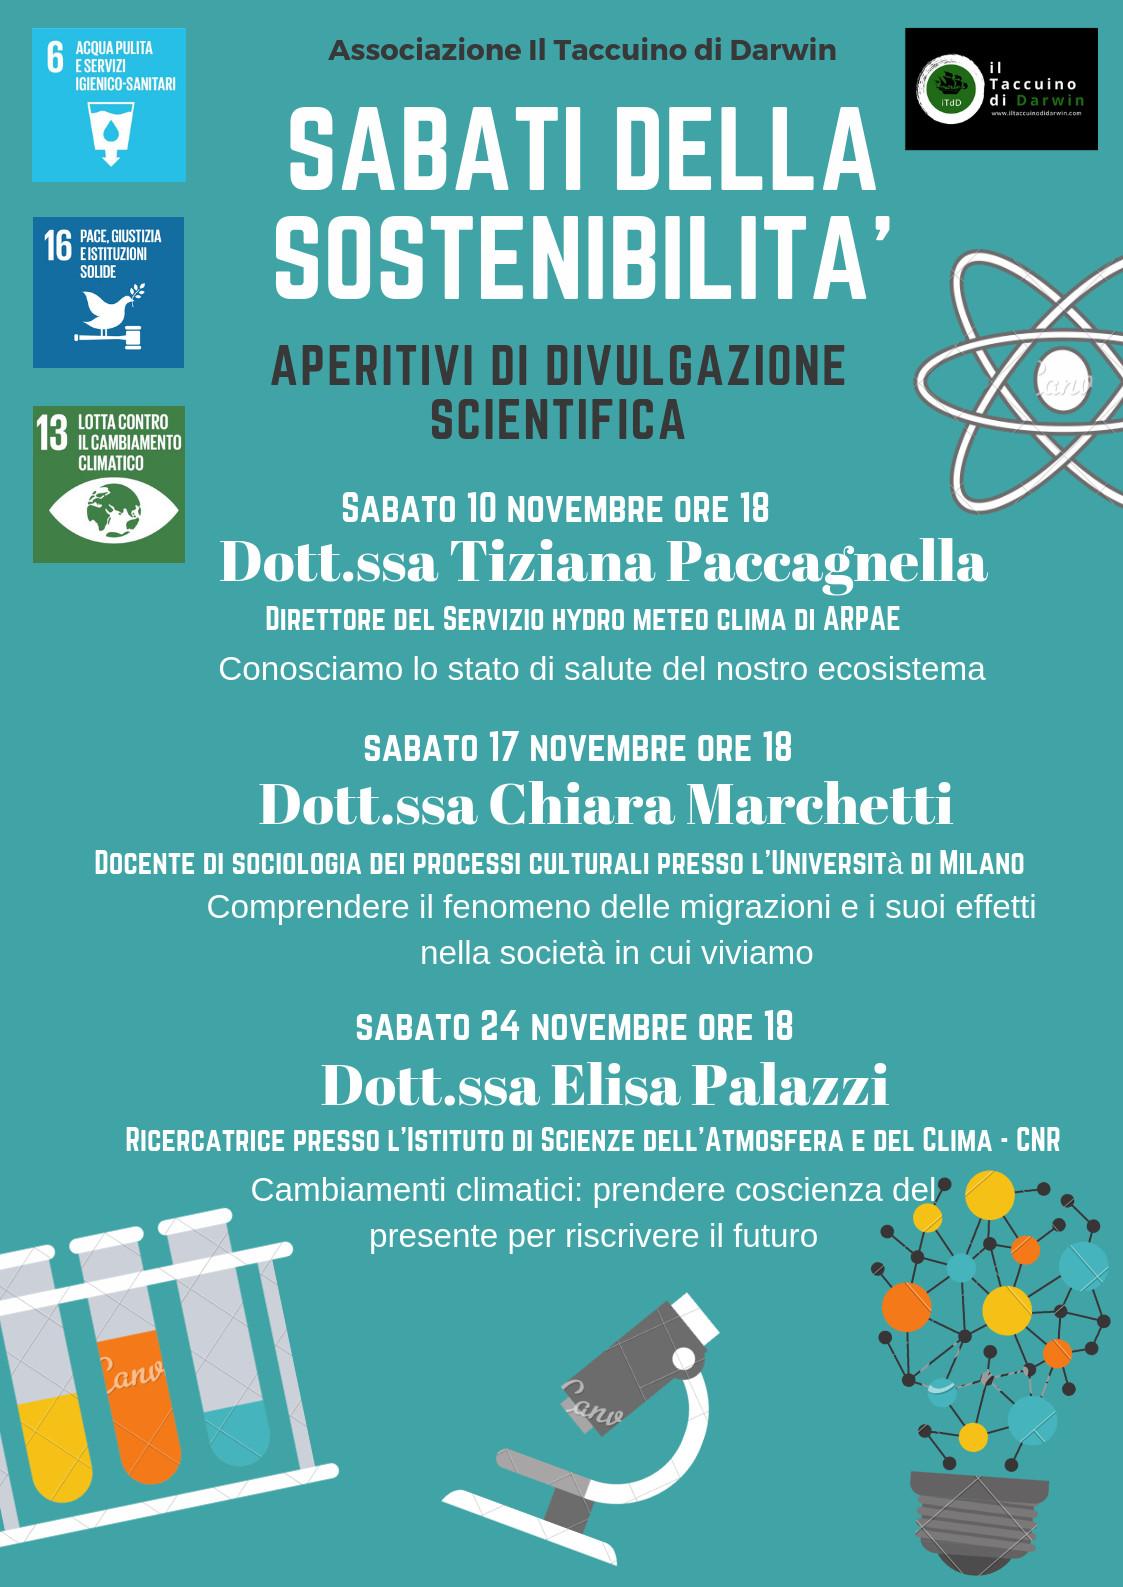 """""""CAMBIAMENTI  CLIMATICI: PRENDERE COSCIENZA DEL PRESENTE PER RISCRIVERE IL FUTURO""""  con ELISA  PALAZZI"""